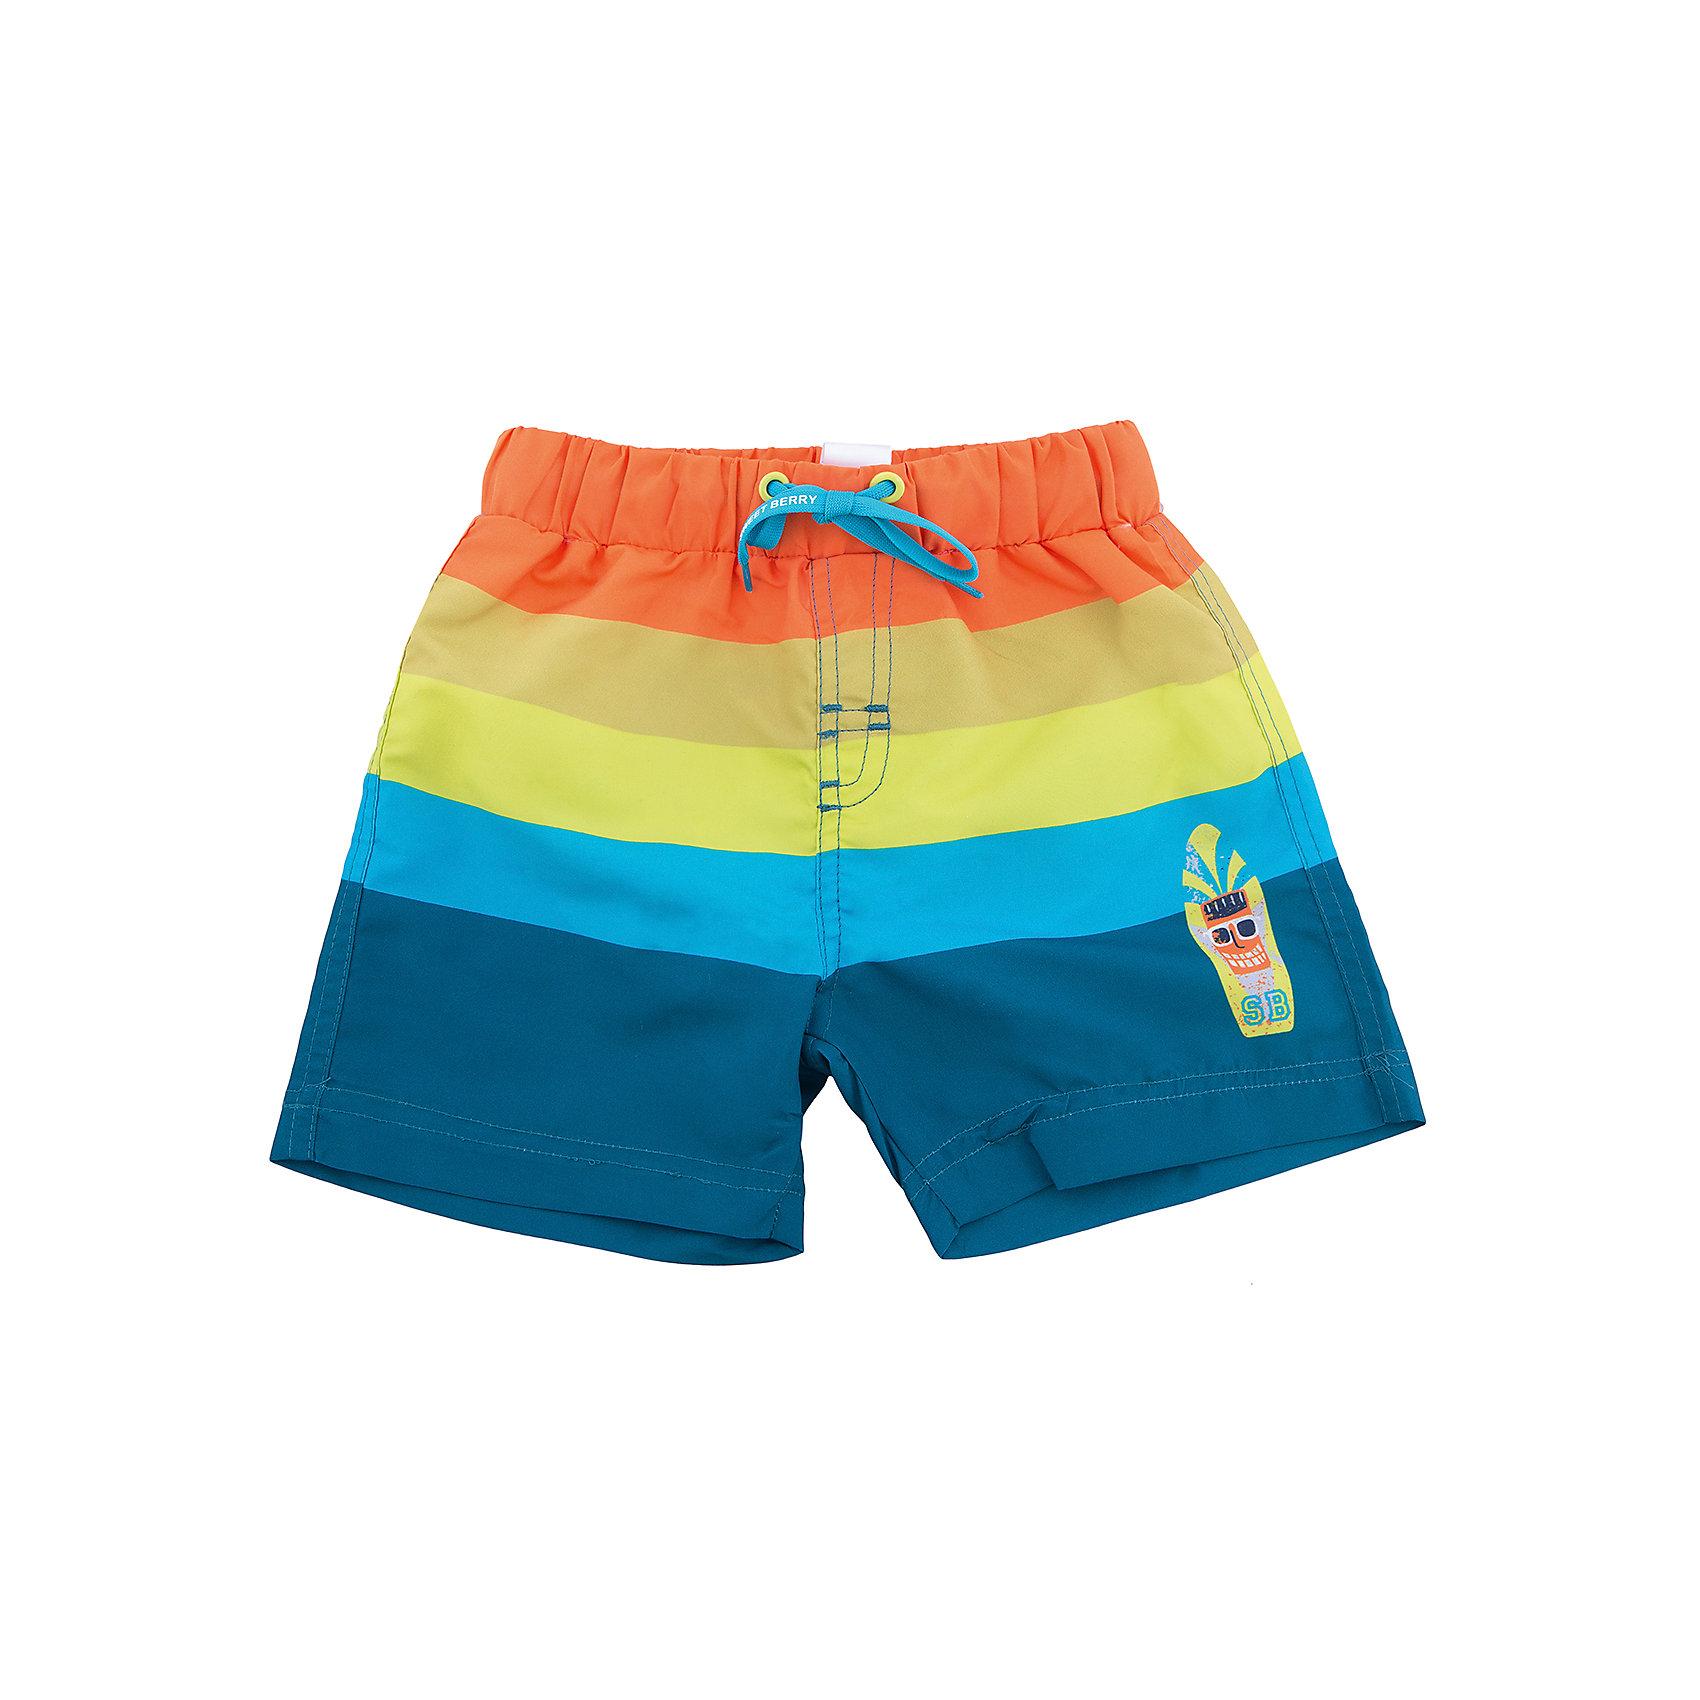 Шорты пляжные для мальчика Sweet BerryКупальные шорты для мальчика в яркую полоску выполнены из легкого быстросохнущего материала. Пояс-резинка дополнен шнуром для регулирования объема. Низ изделия декорирован аппликацией.<br>Состав:<br>100% полиэстер<br><br>Ширина мм: 191<br>Глубина мм: 10<br>Высота мм: 175<br>Вес г: 273<br>Цвет: разноцветный<br>Возраст от месяцев: 36<br>Возраст до месяцев: 48<br>Пол: Мужской<br>Возраст: Детский<br>Размер: 104,92,98,110,116,122<br>SKU: 5411487